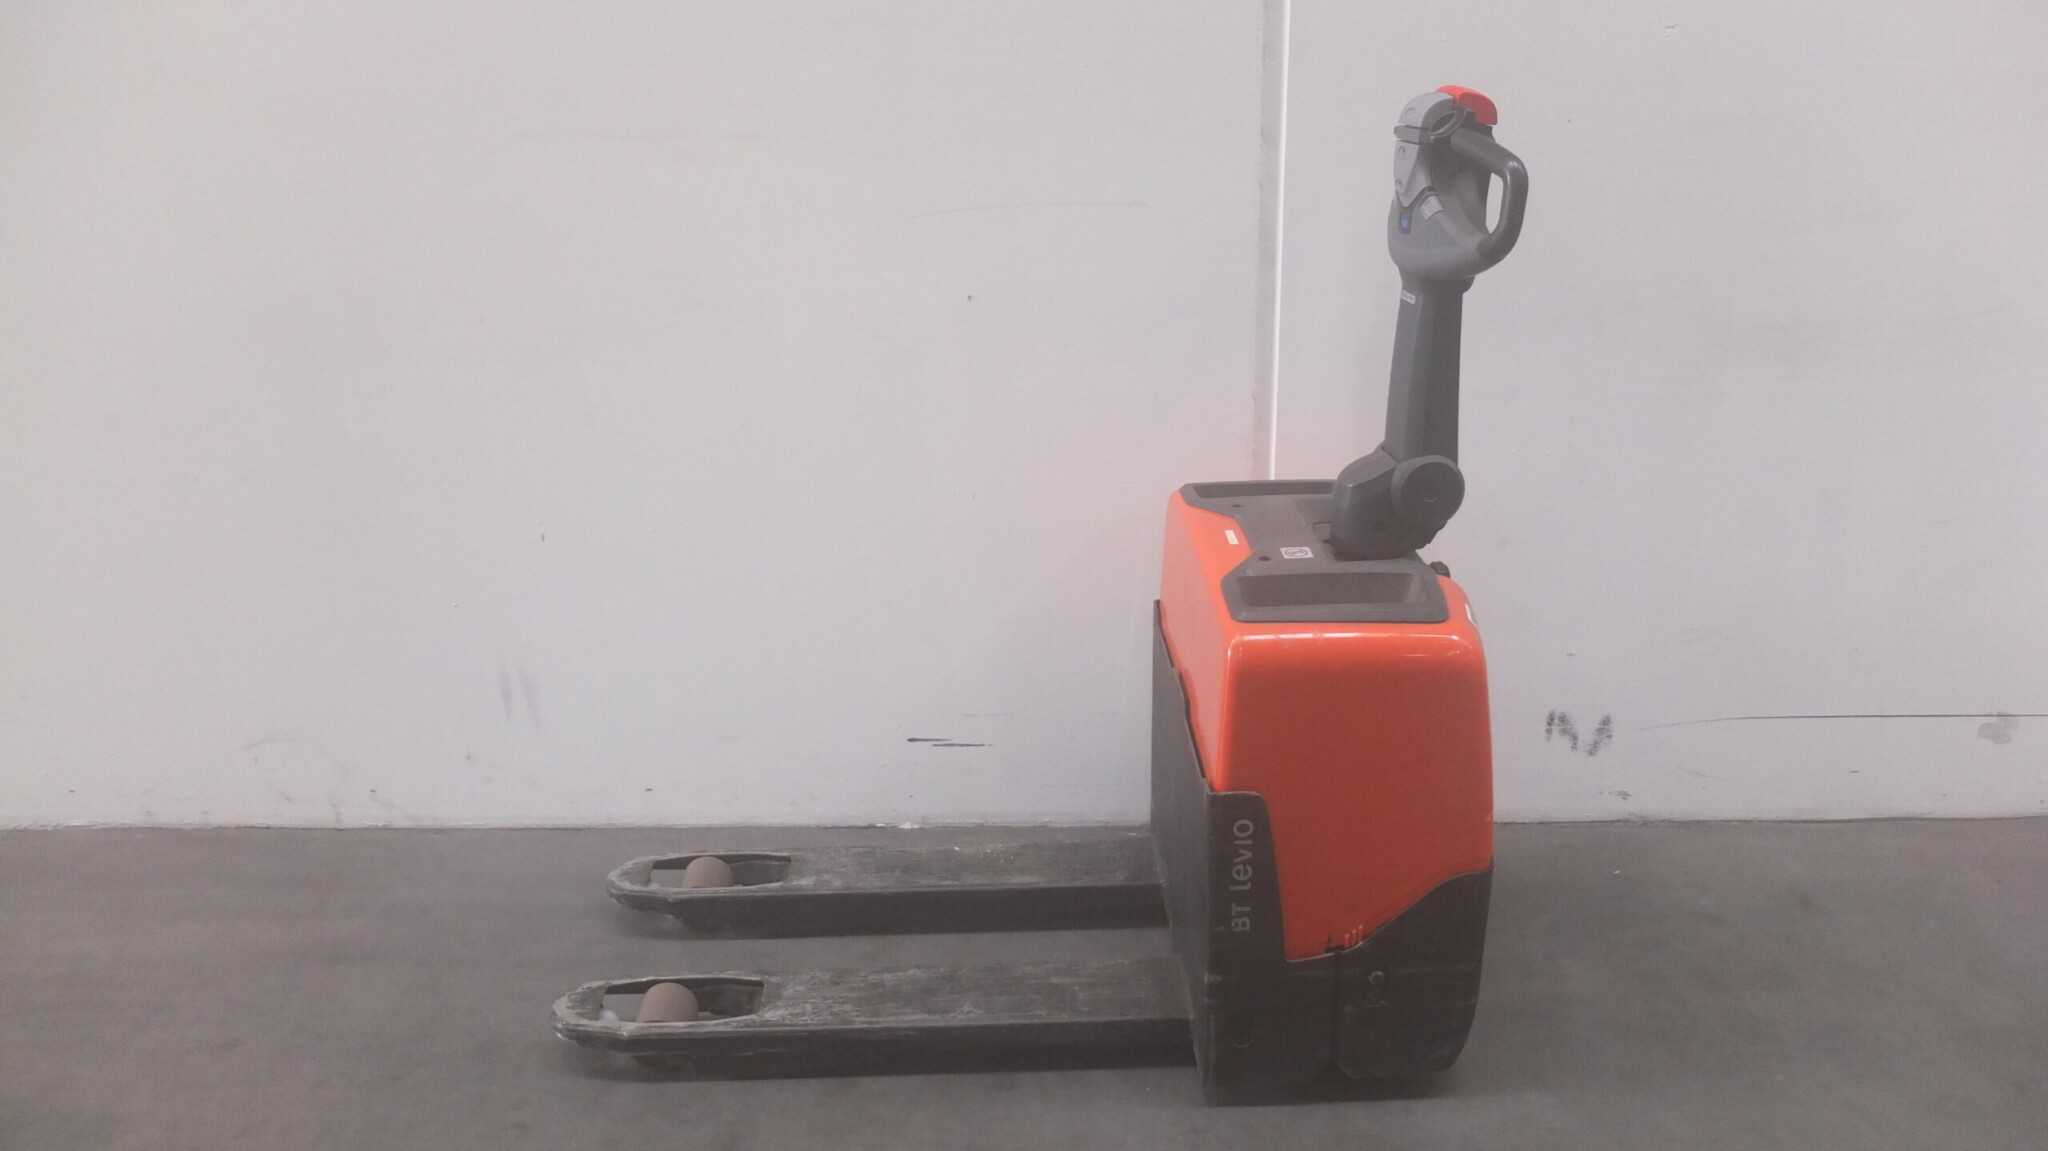 Toyota-Gabelstapler-59840 1805005498 1 scaled